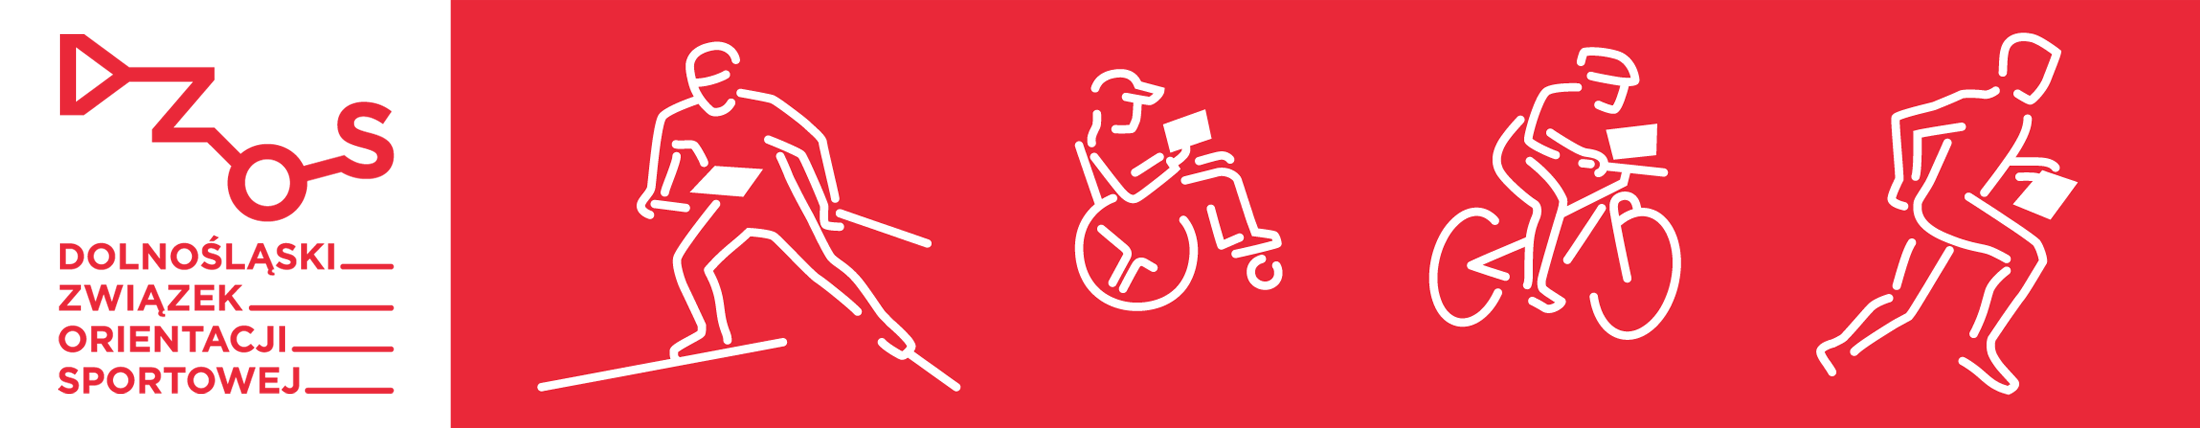 Dolnośląski Związek Orientacji Sportowej